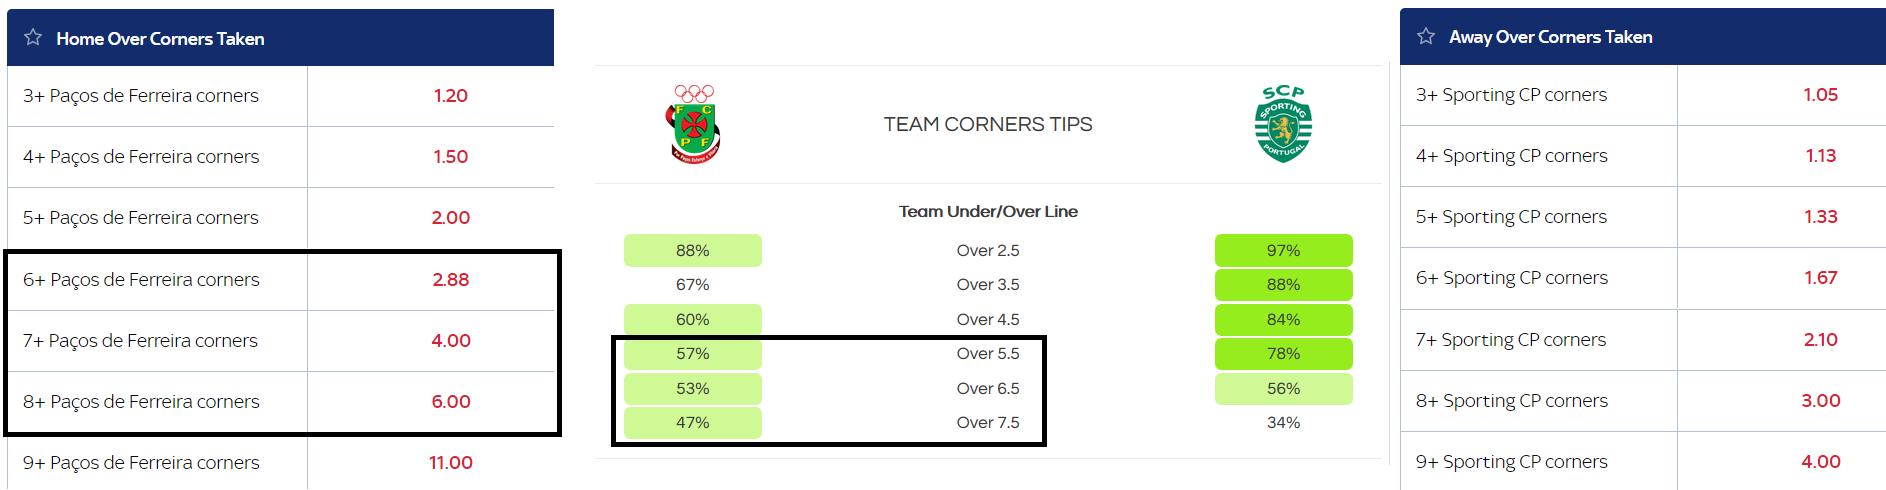 SIngle team over corners - Pacos Ferreira